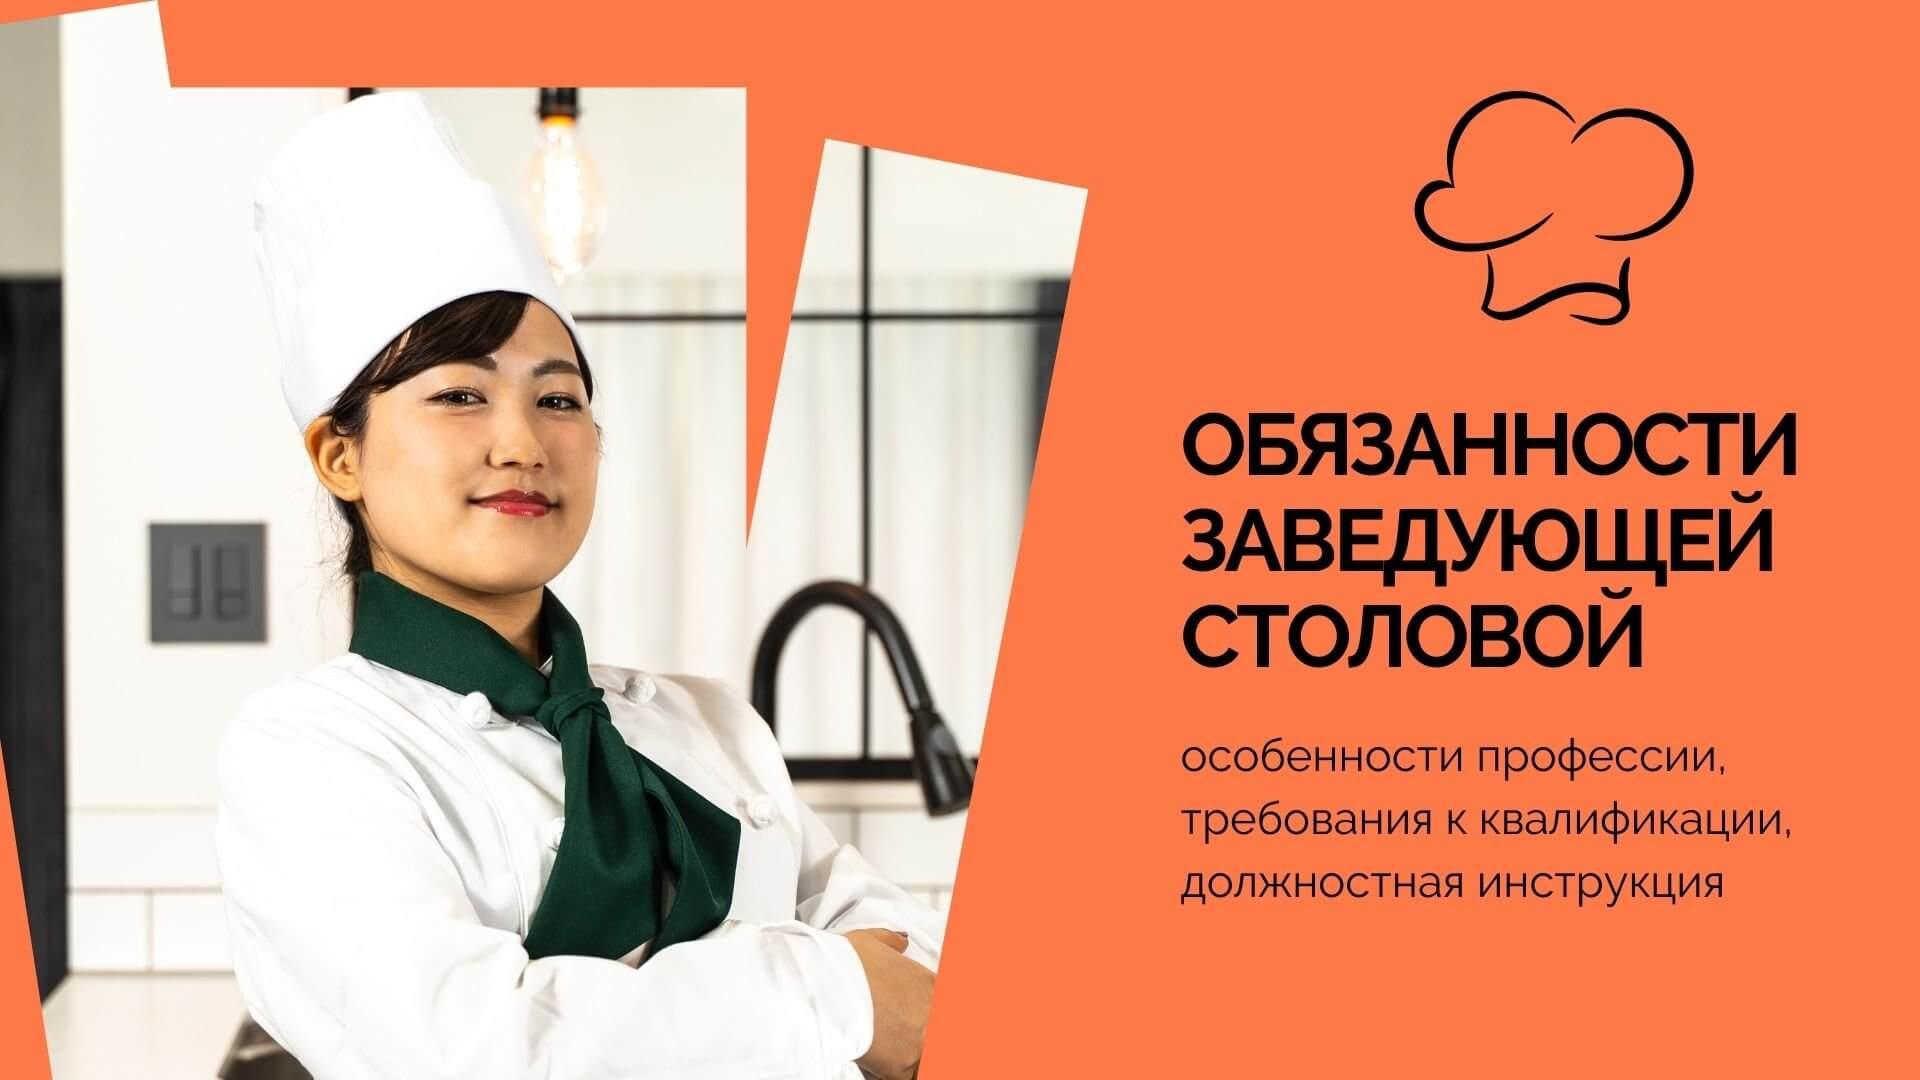 Обязанности заведующей столовой: особенности профессии, требования к квалификации, должностная инструкция